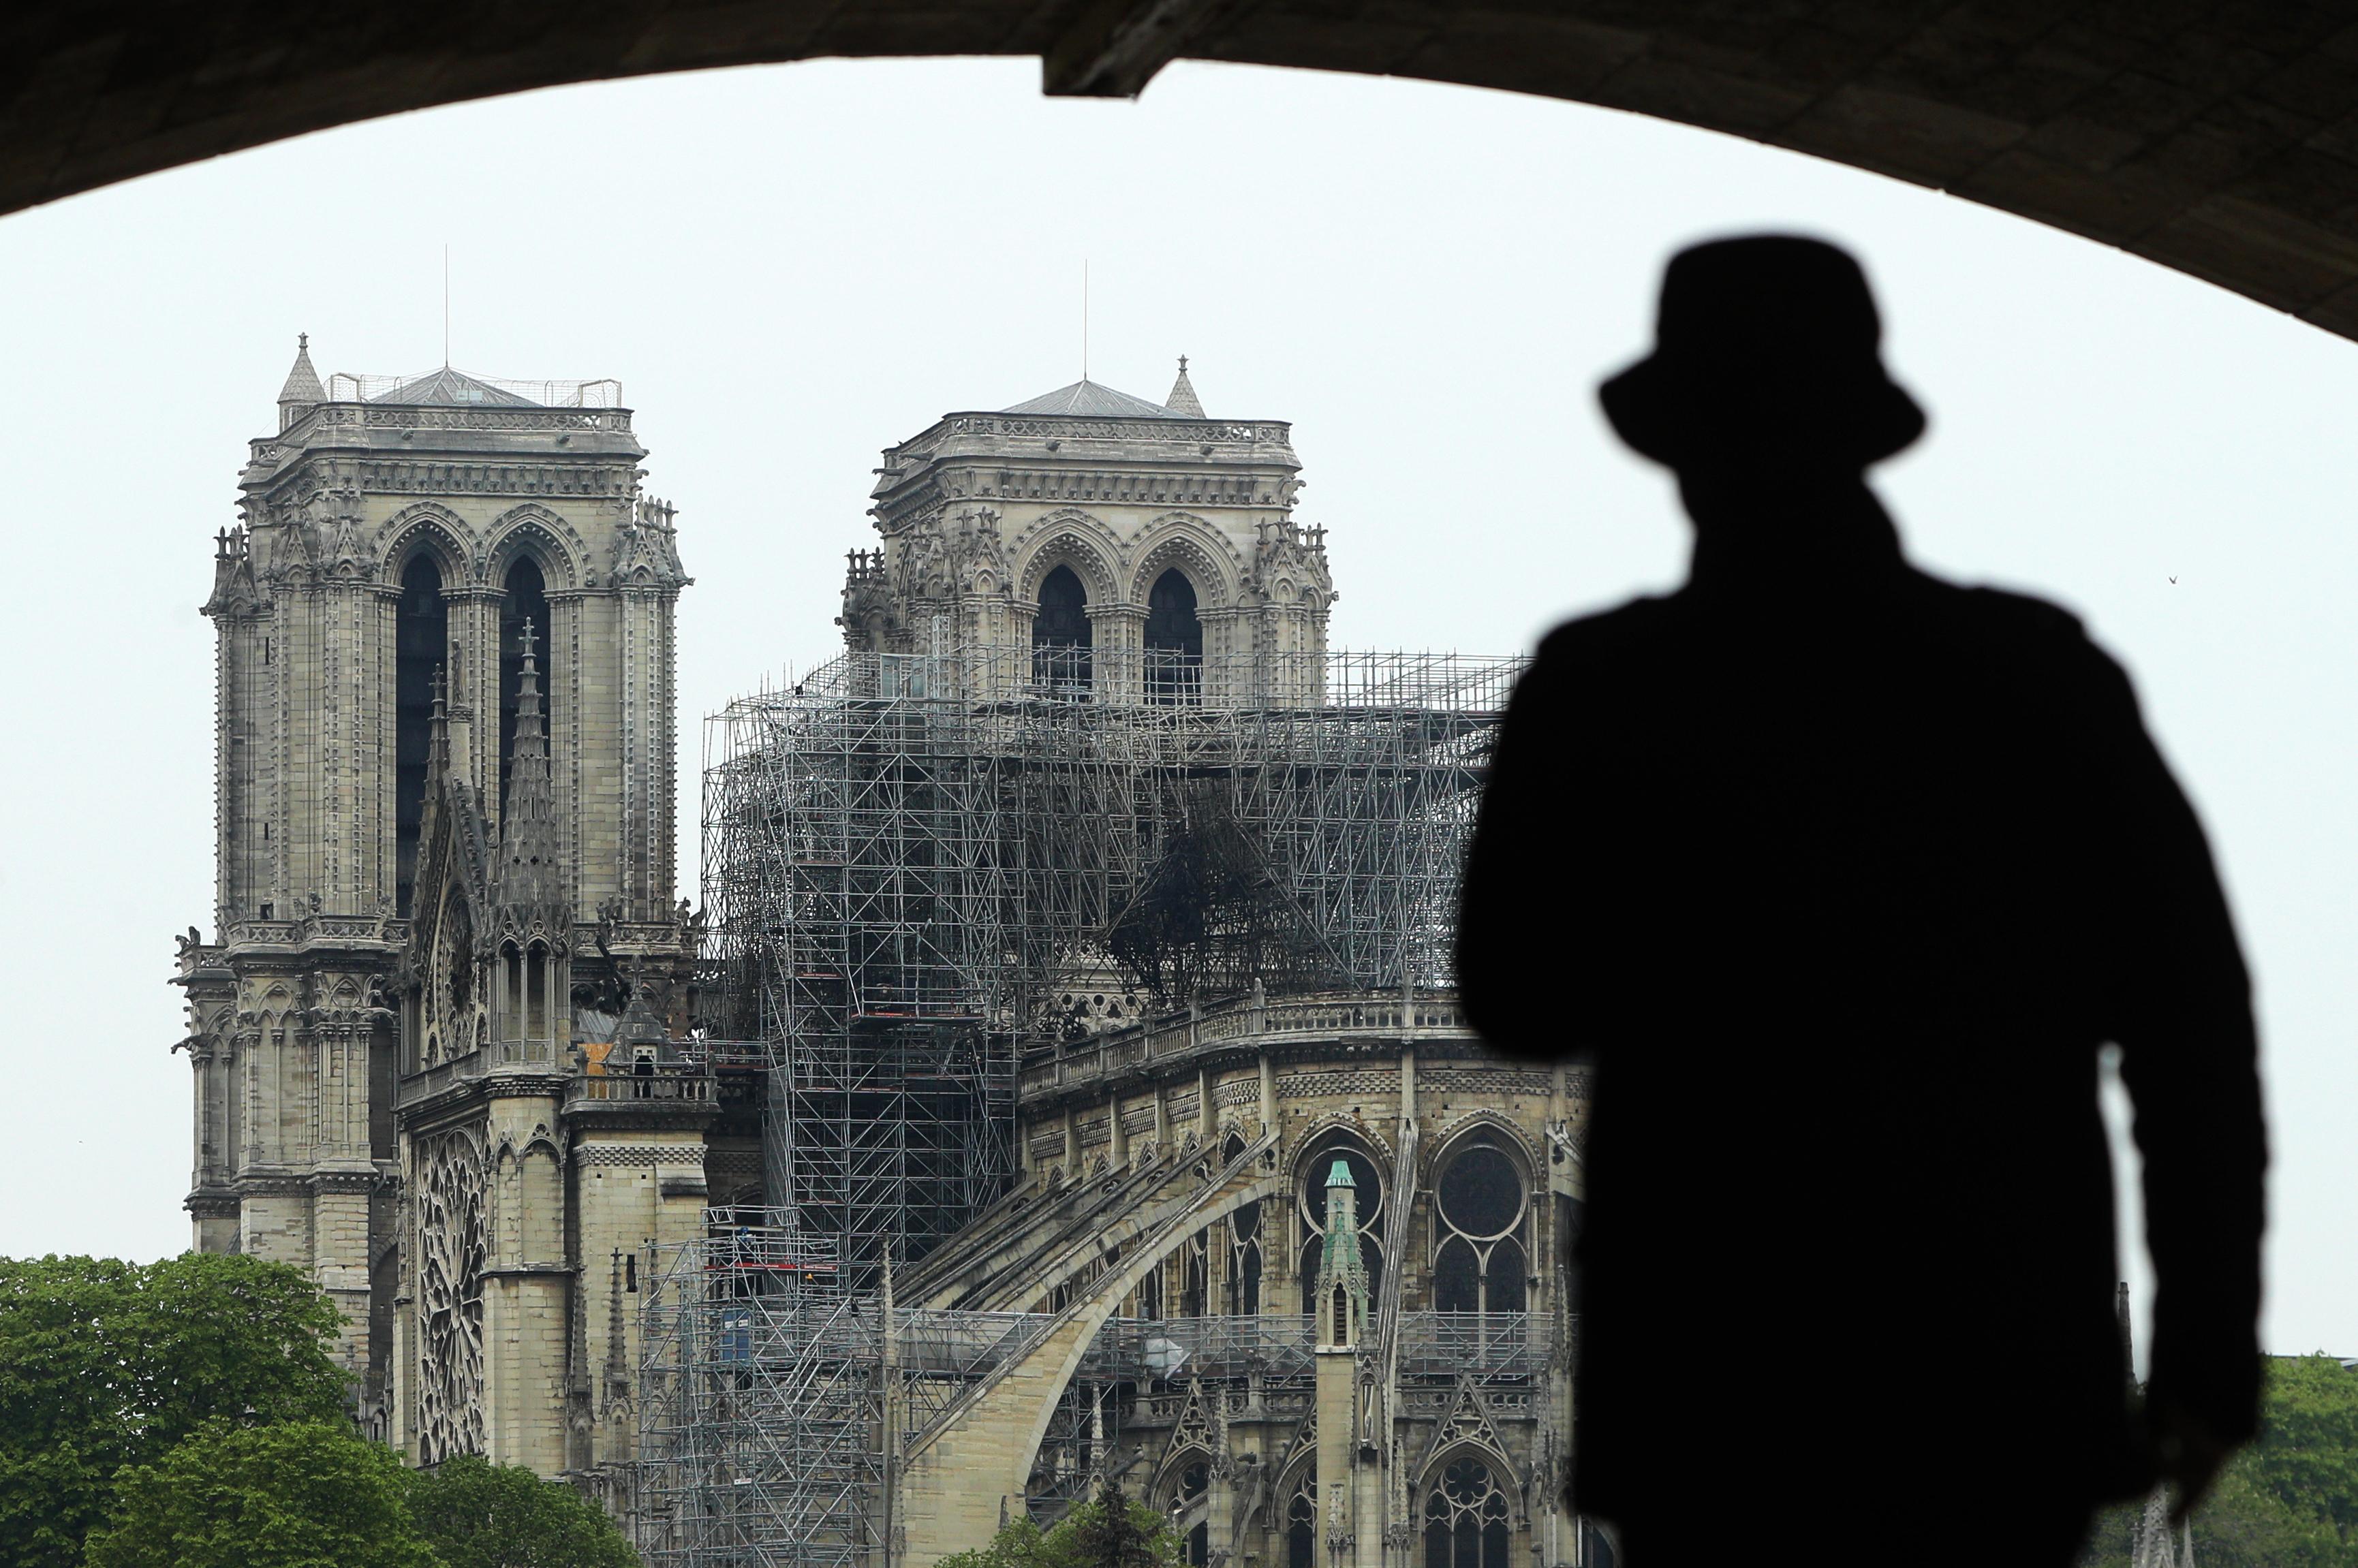 大陸詐騙新招:捐款可名列巴黎聖母院紀念牆